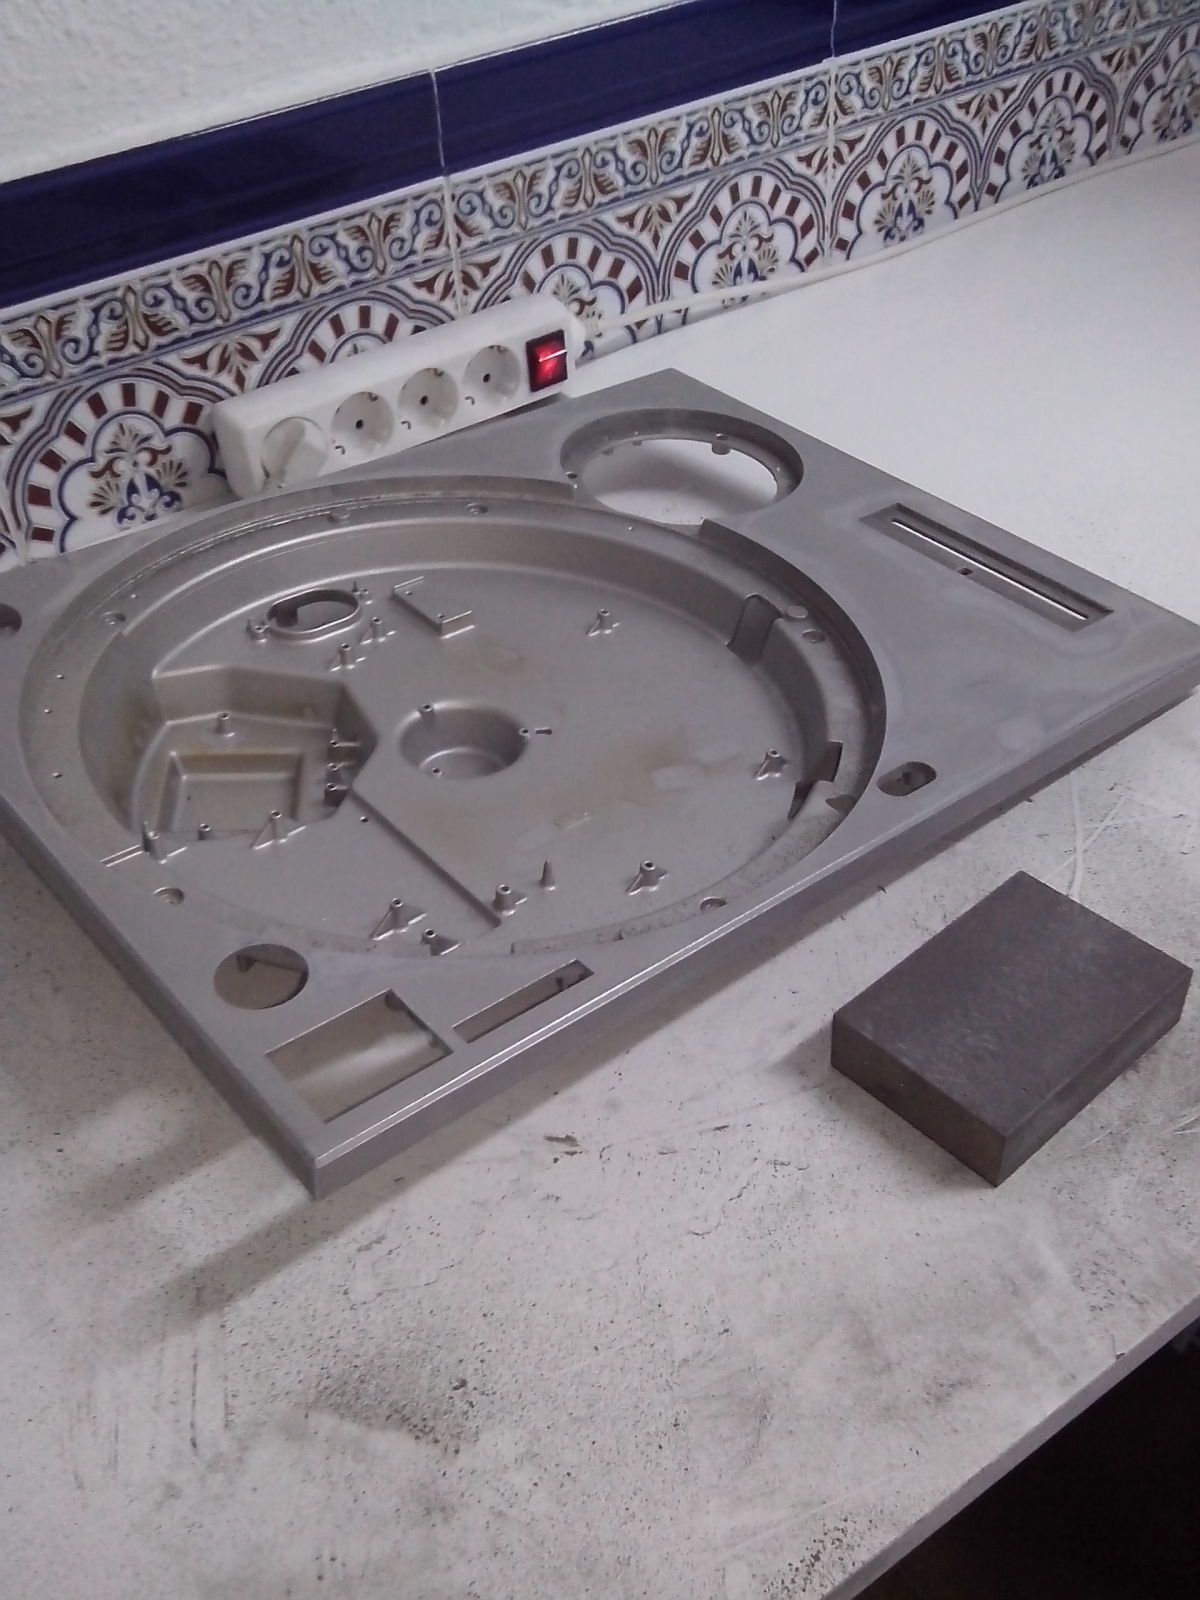 Restauración y mejora de un Technics SL1200 X3d5sj